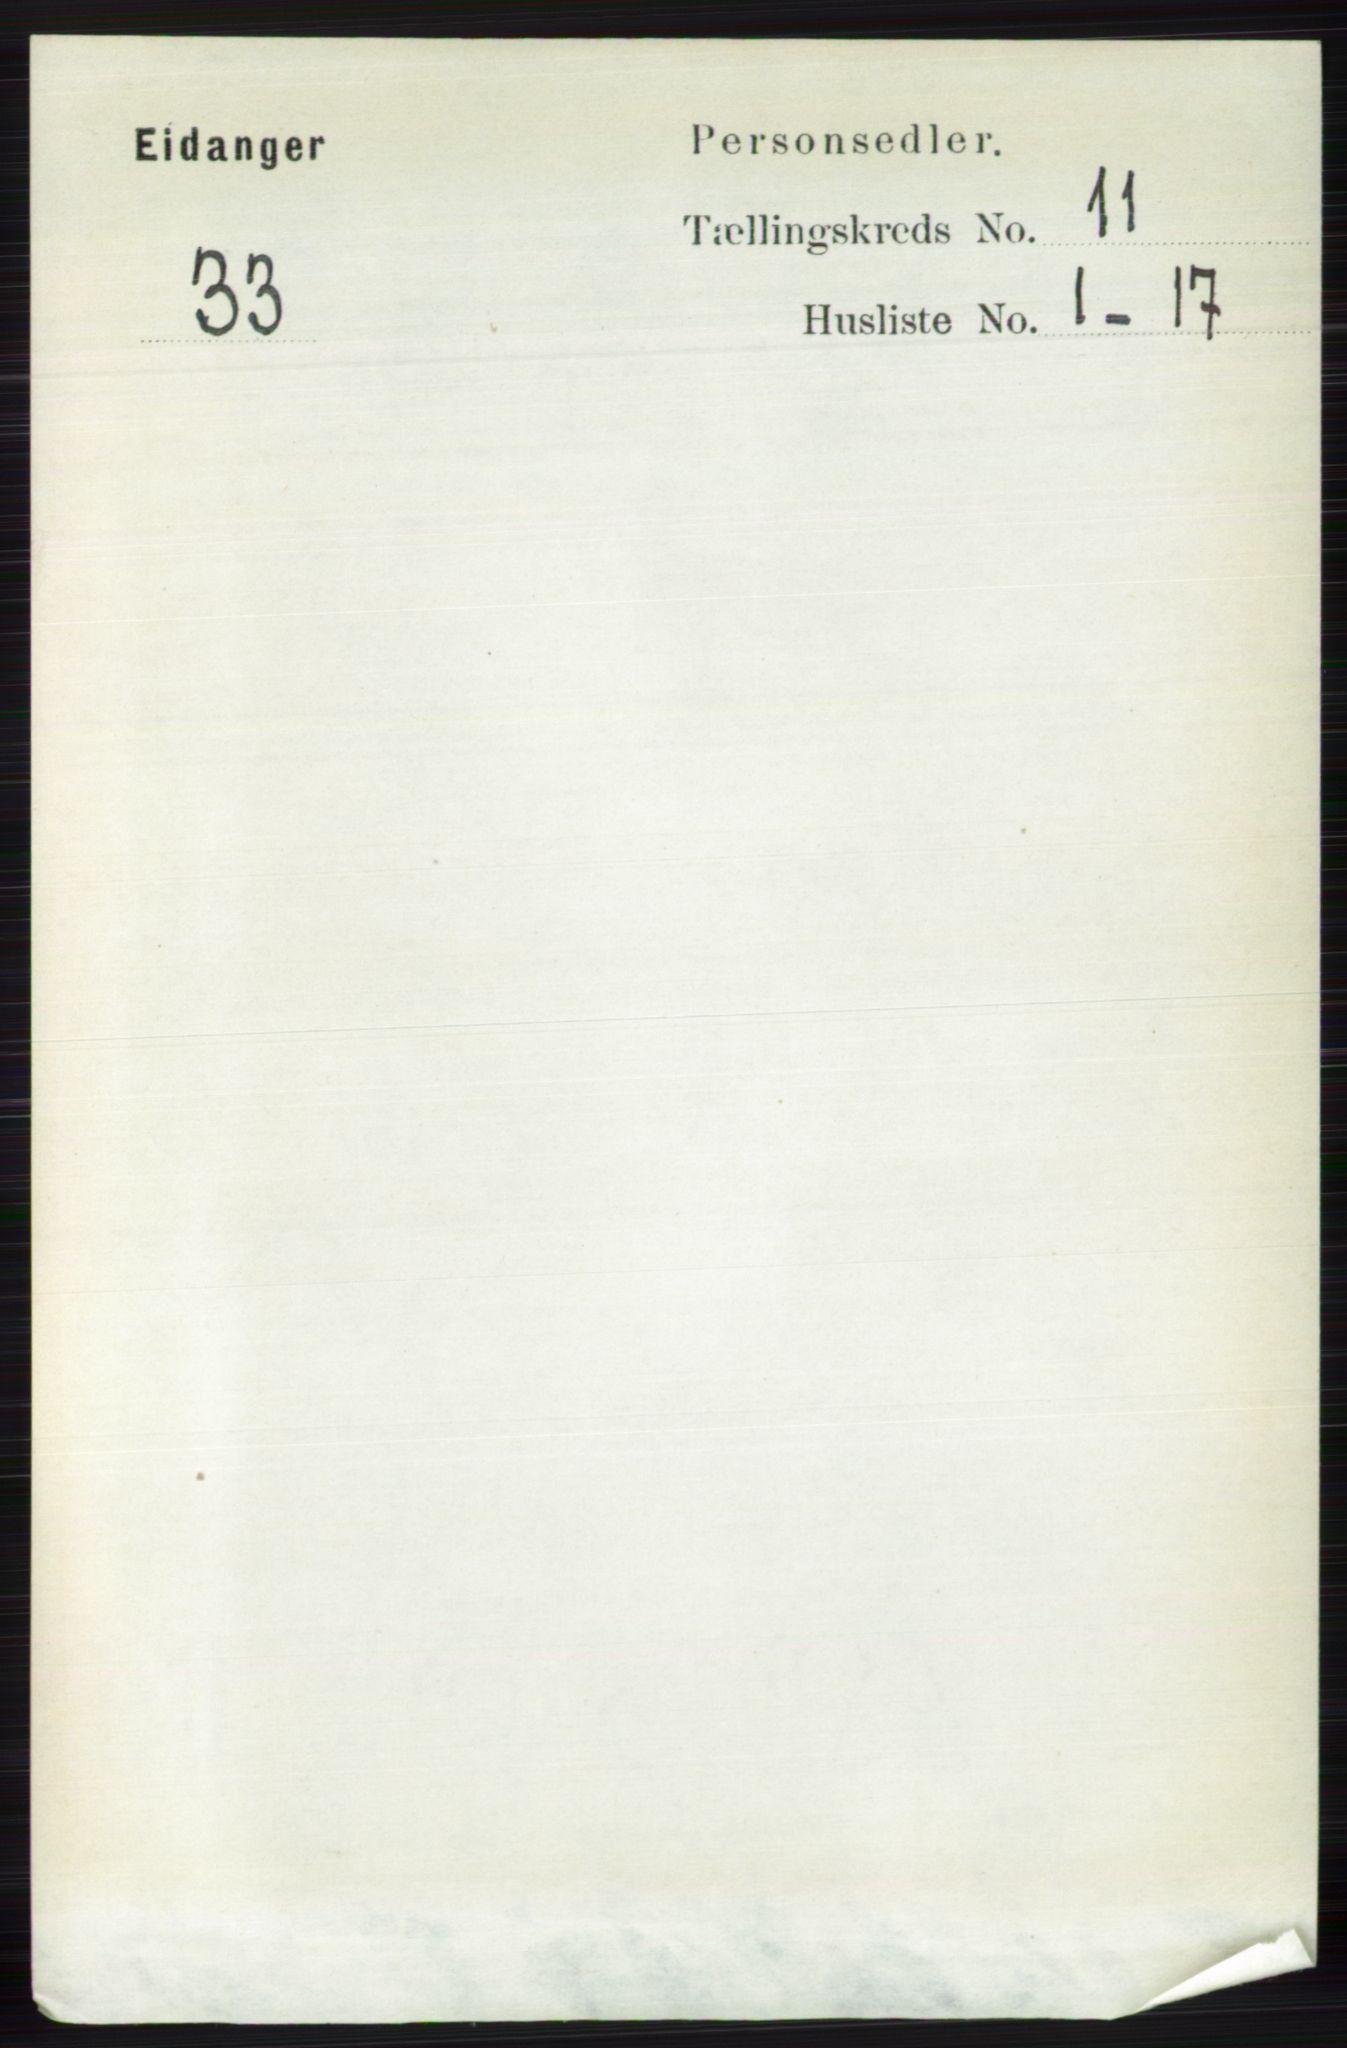 RA, Folketelling 1891 for 0813 Eidanger herred, 1891, s. 4236